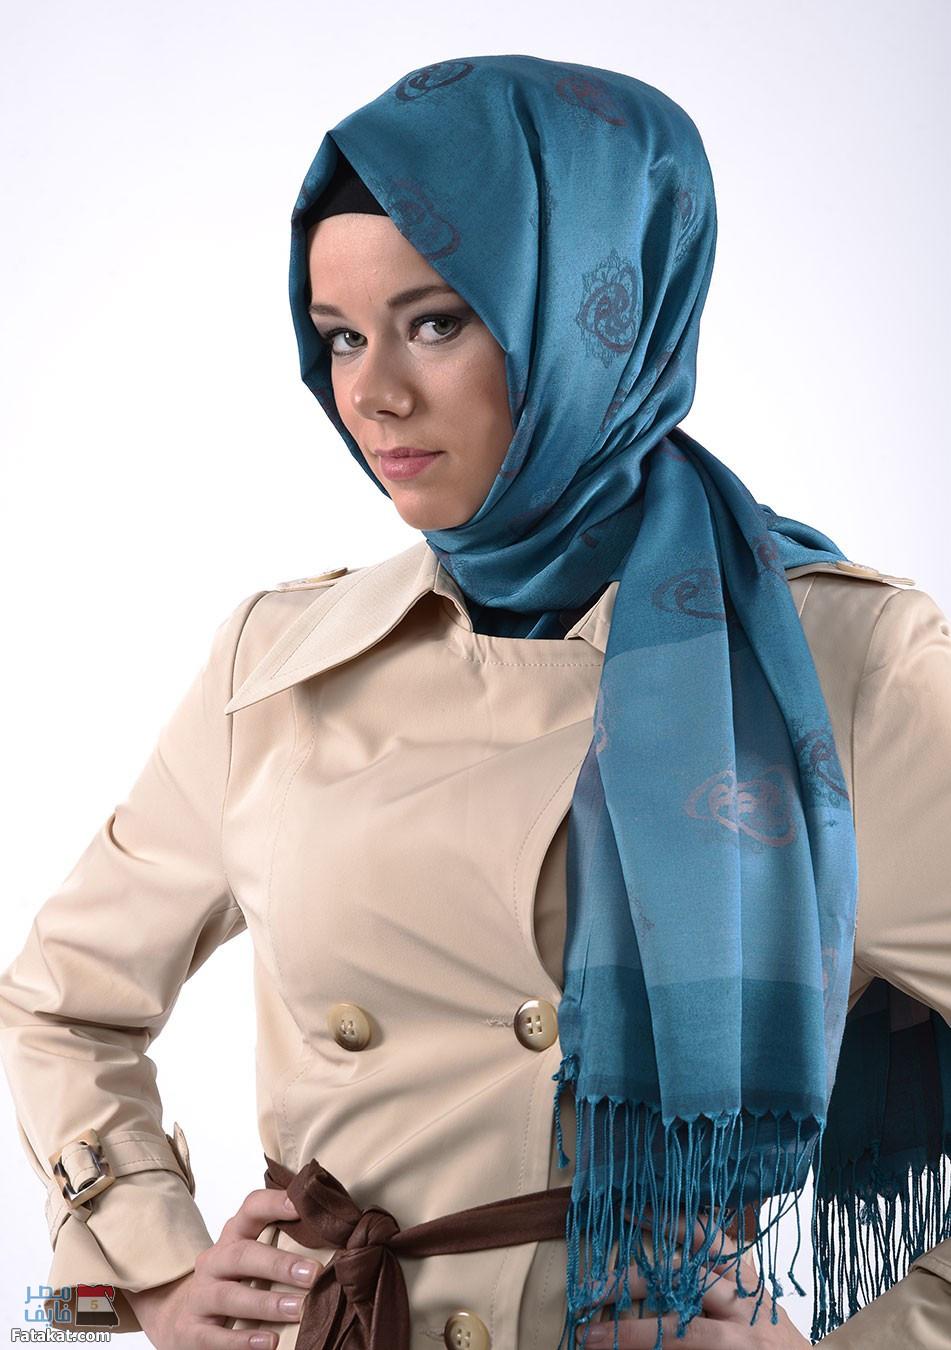 صوره موديلات حجابات تركية صيفية , للجمال اسباب والحجاب الجميل احد اسبابه